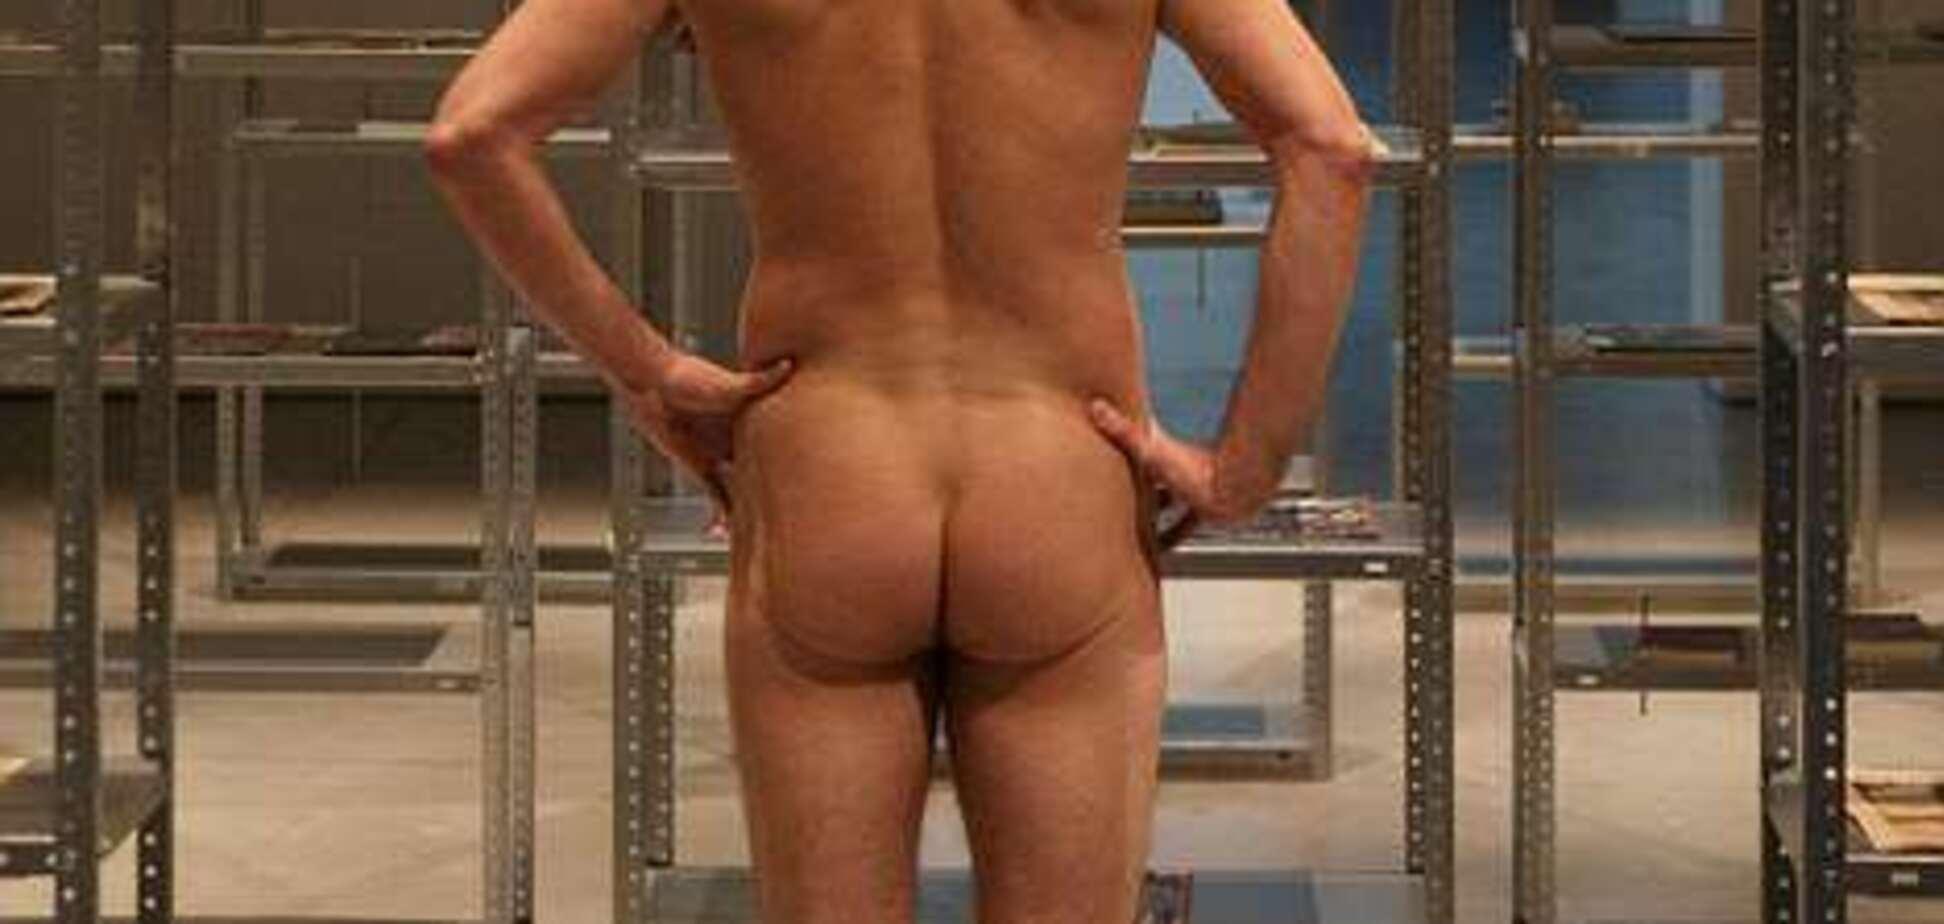 Голое искусство: в Париже музей открыл двери нудистам. Фотофакт